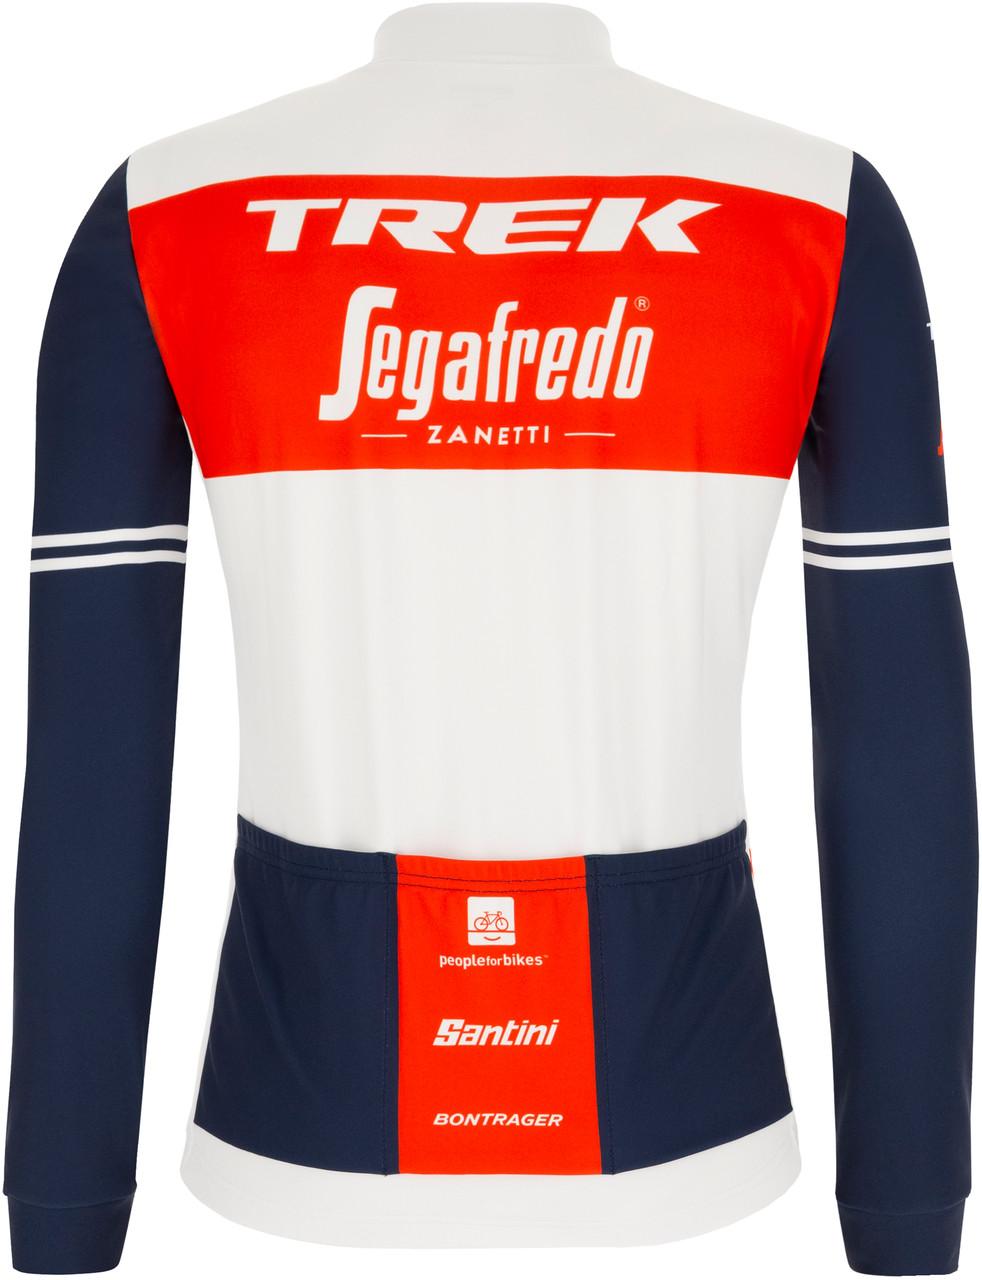 2021 Trek Segafredo Long Sleeve Jersey Rear